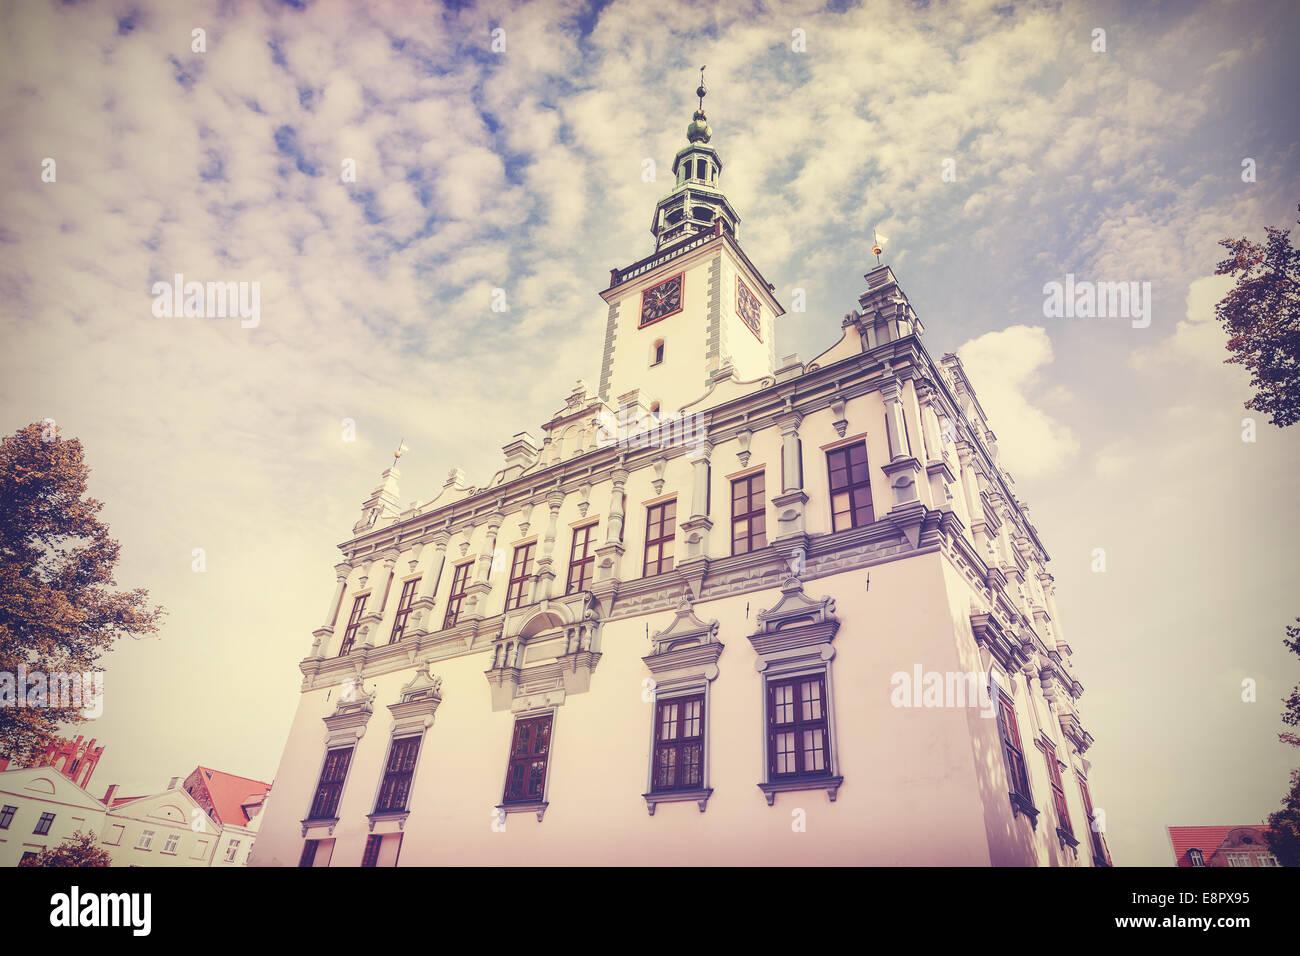 Vintage Retro-gefilterte Foto des Rathauses in Chelmno, Polen. Stockbild